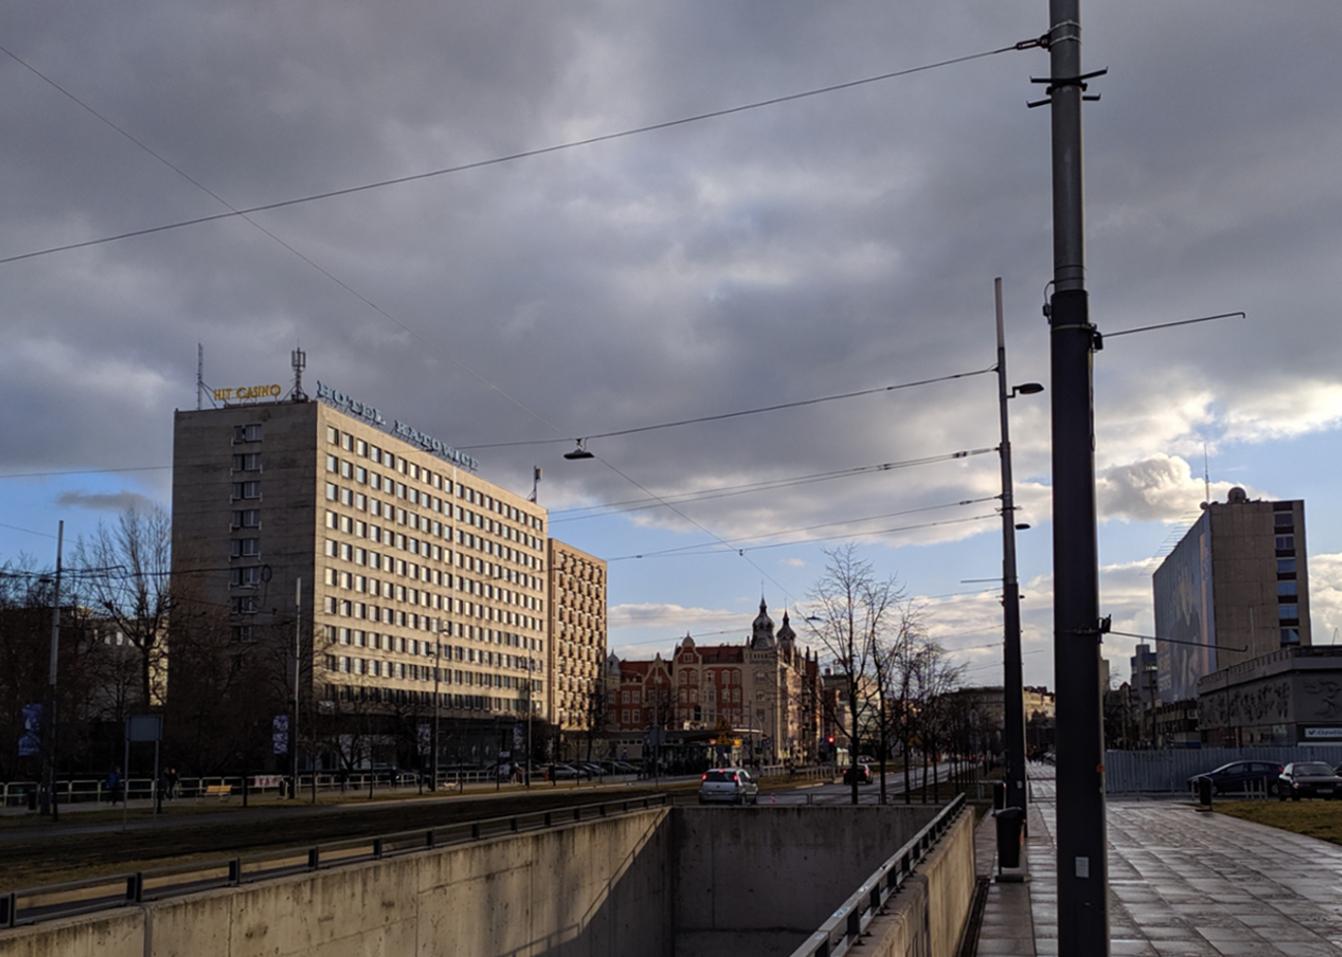 Nowy_Dworek_Katowice